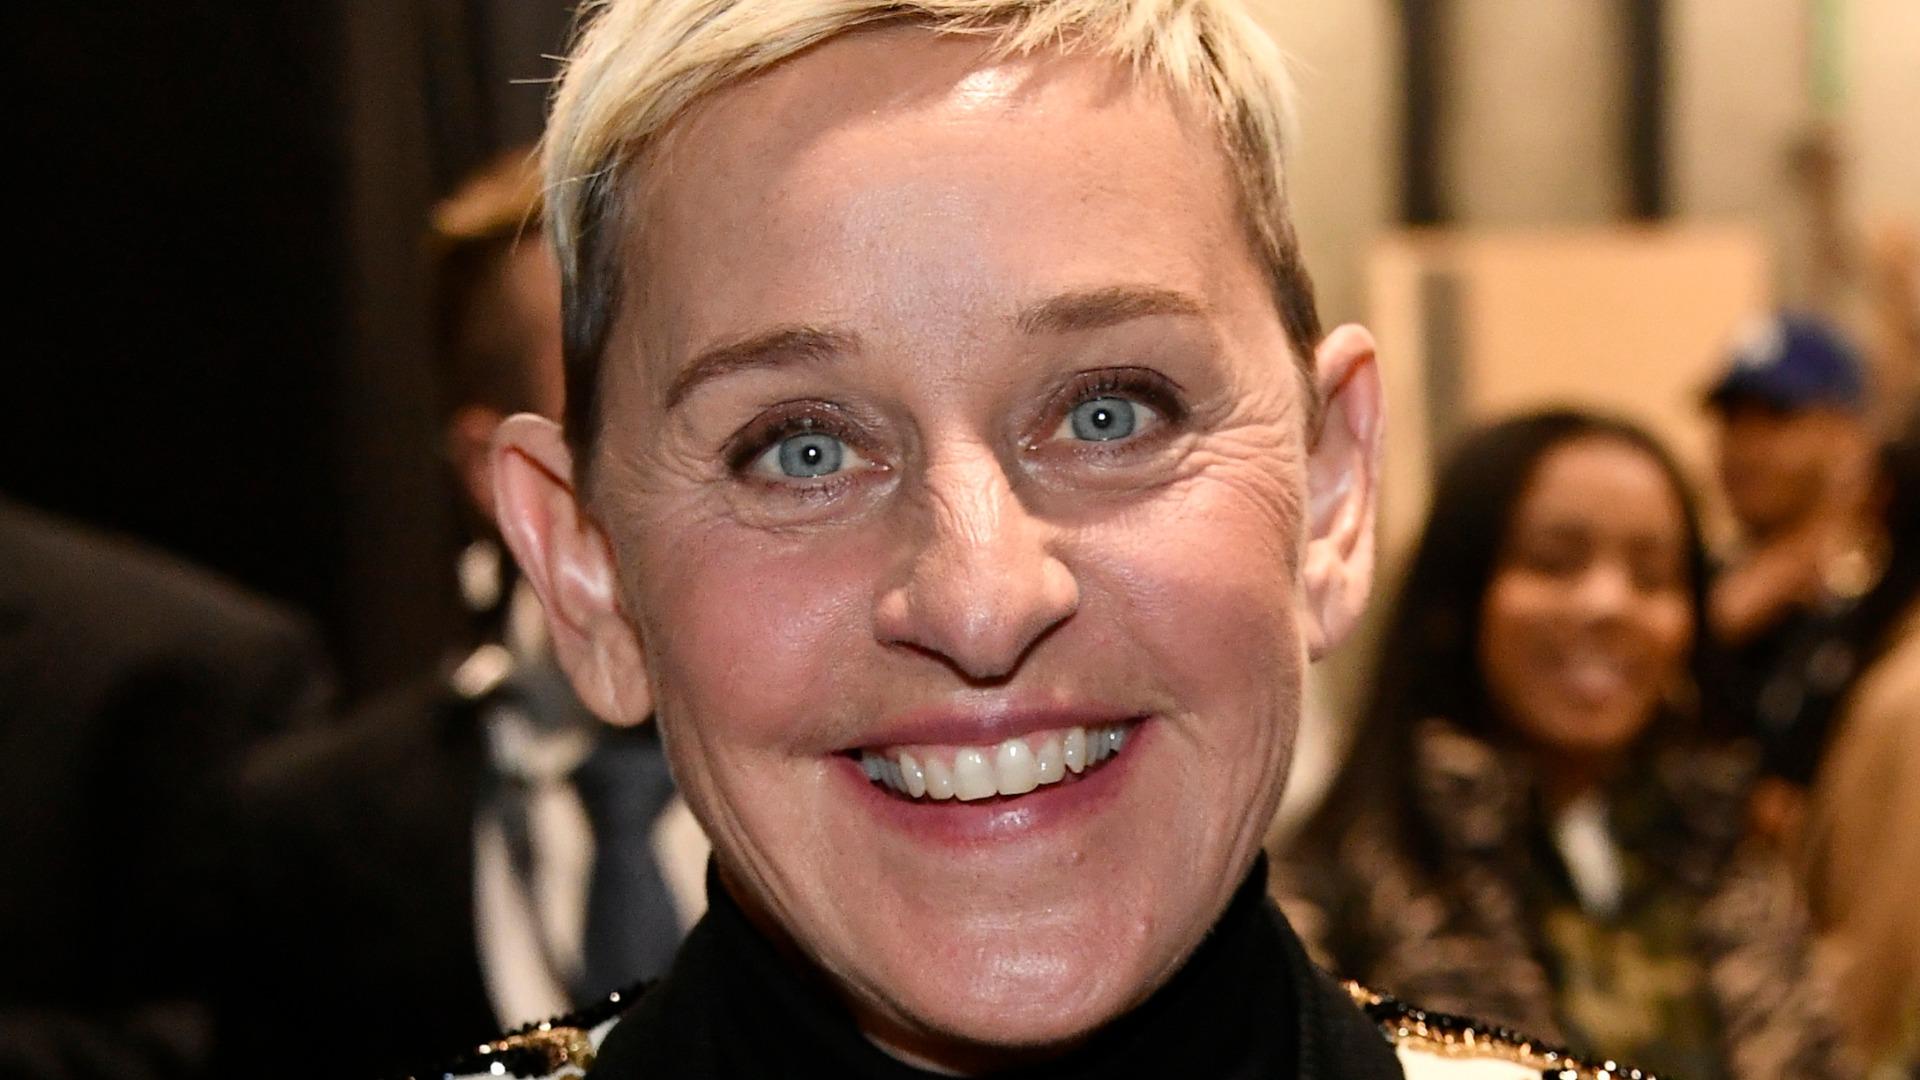 Ellen DeGeneres: President Trump Not Welcome on My Show